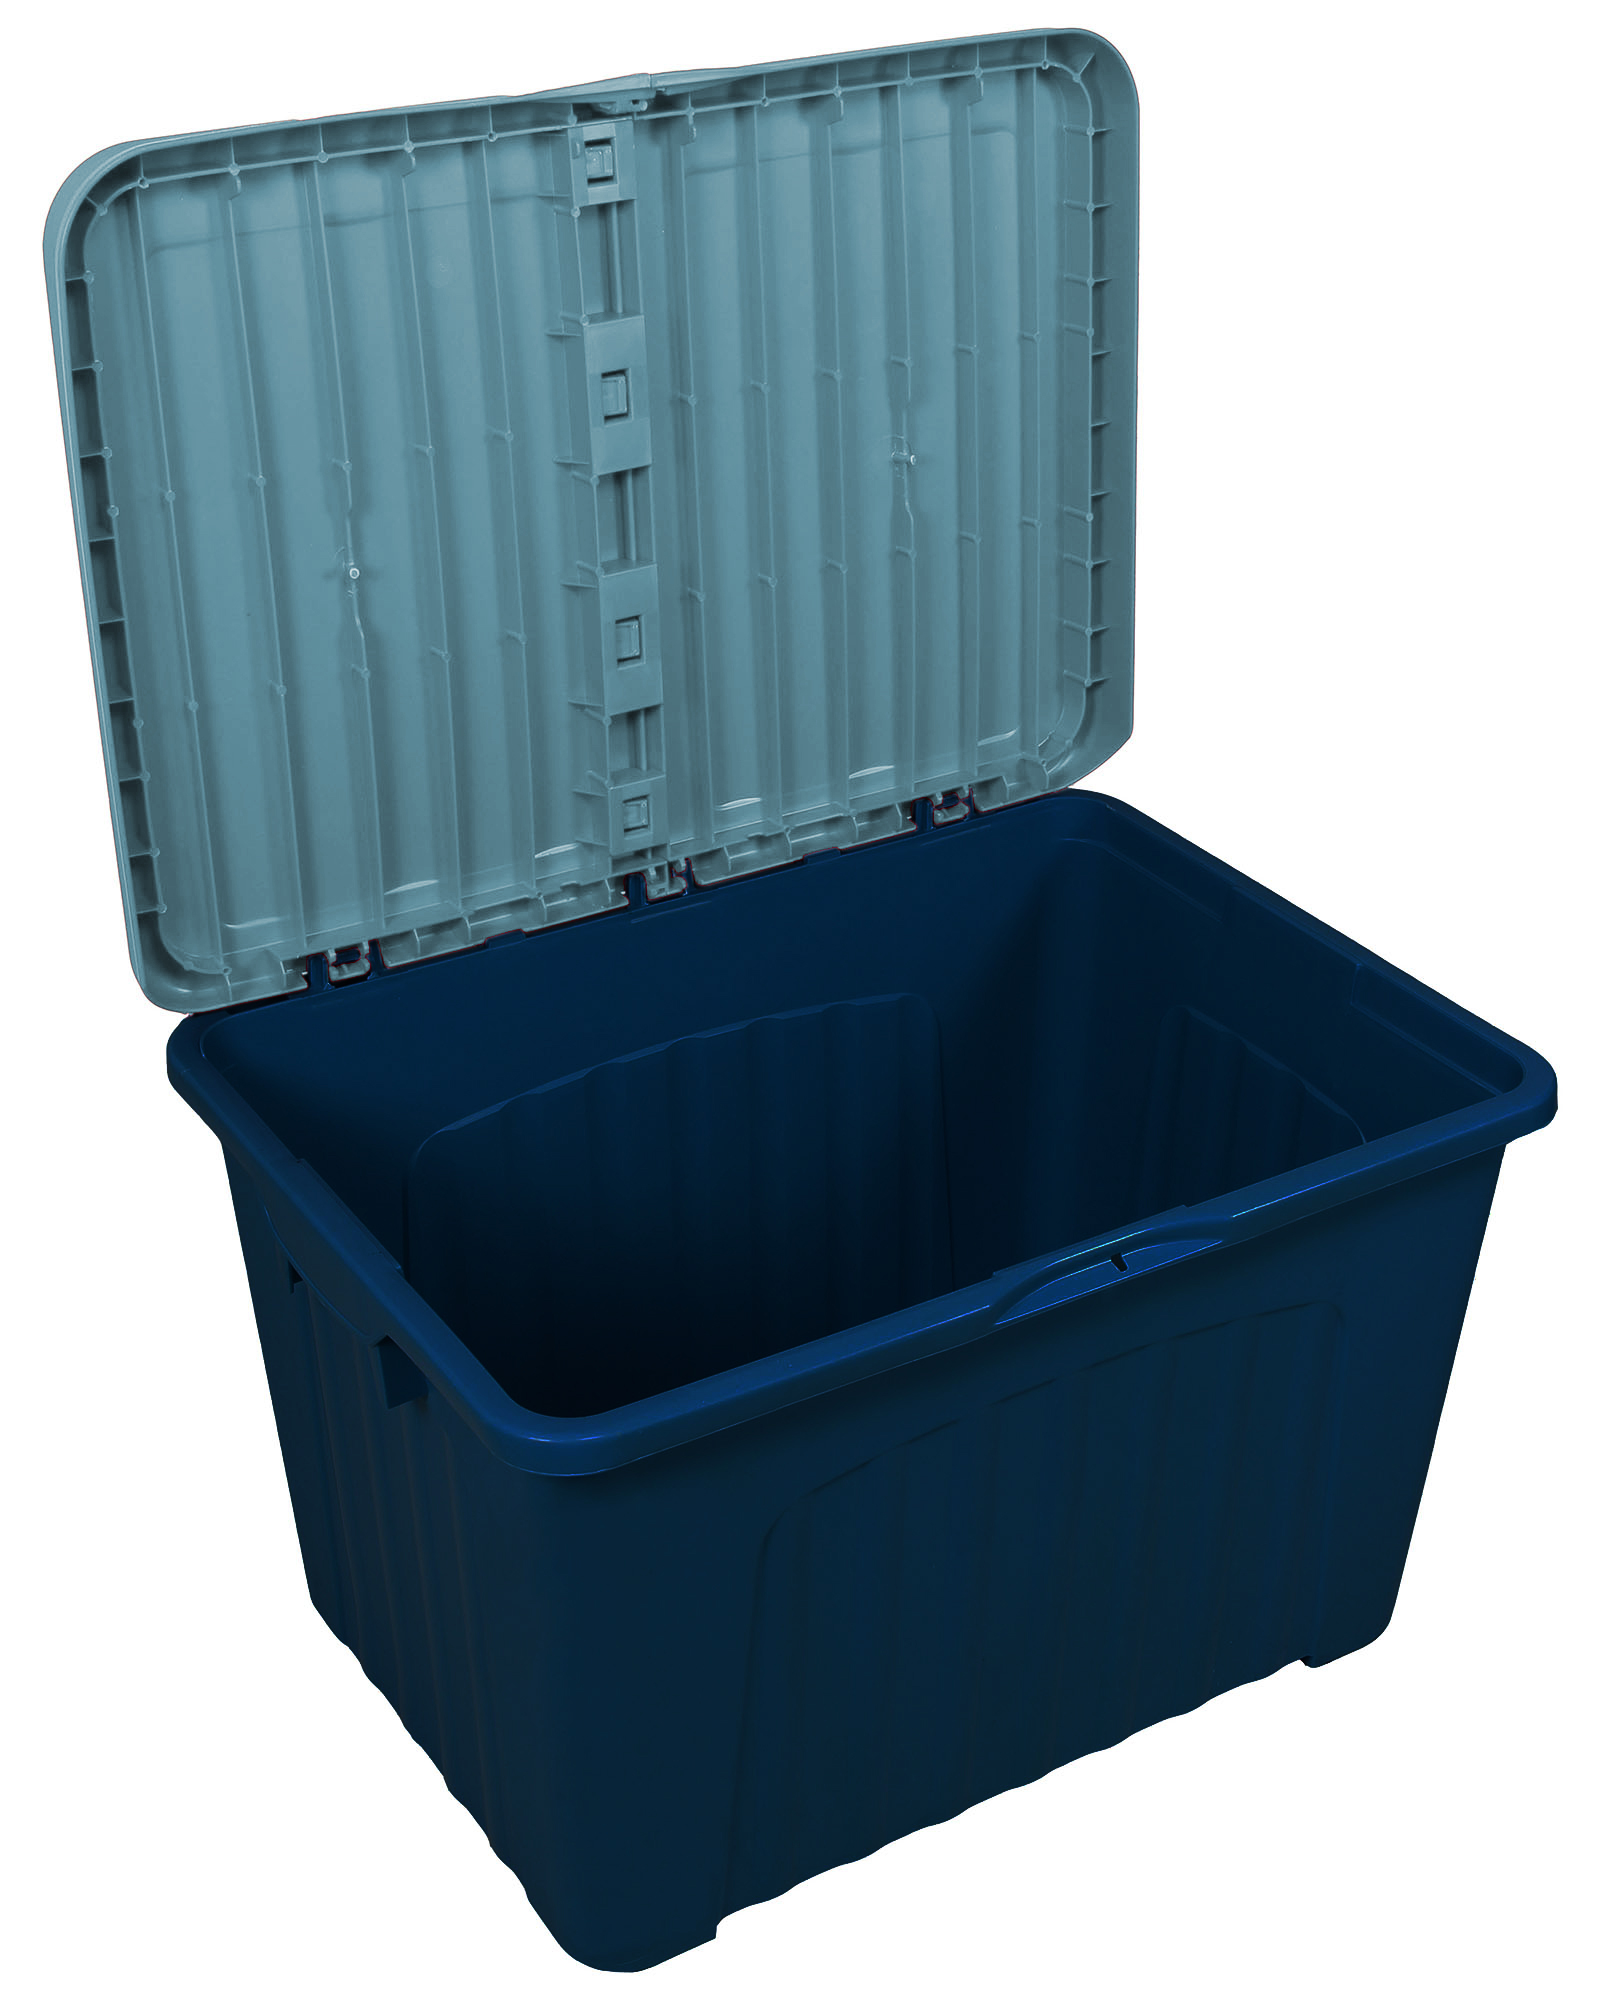 Kettler Gartenmobel Stapelsessel :  Lagerbox Transportbox Pandorino blaublau jetzt günstig kaufen